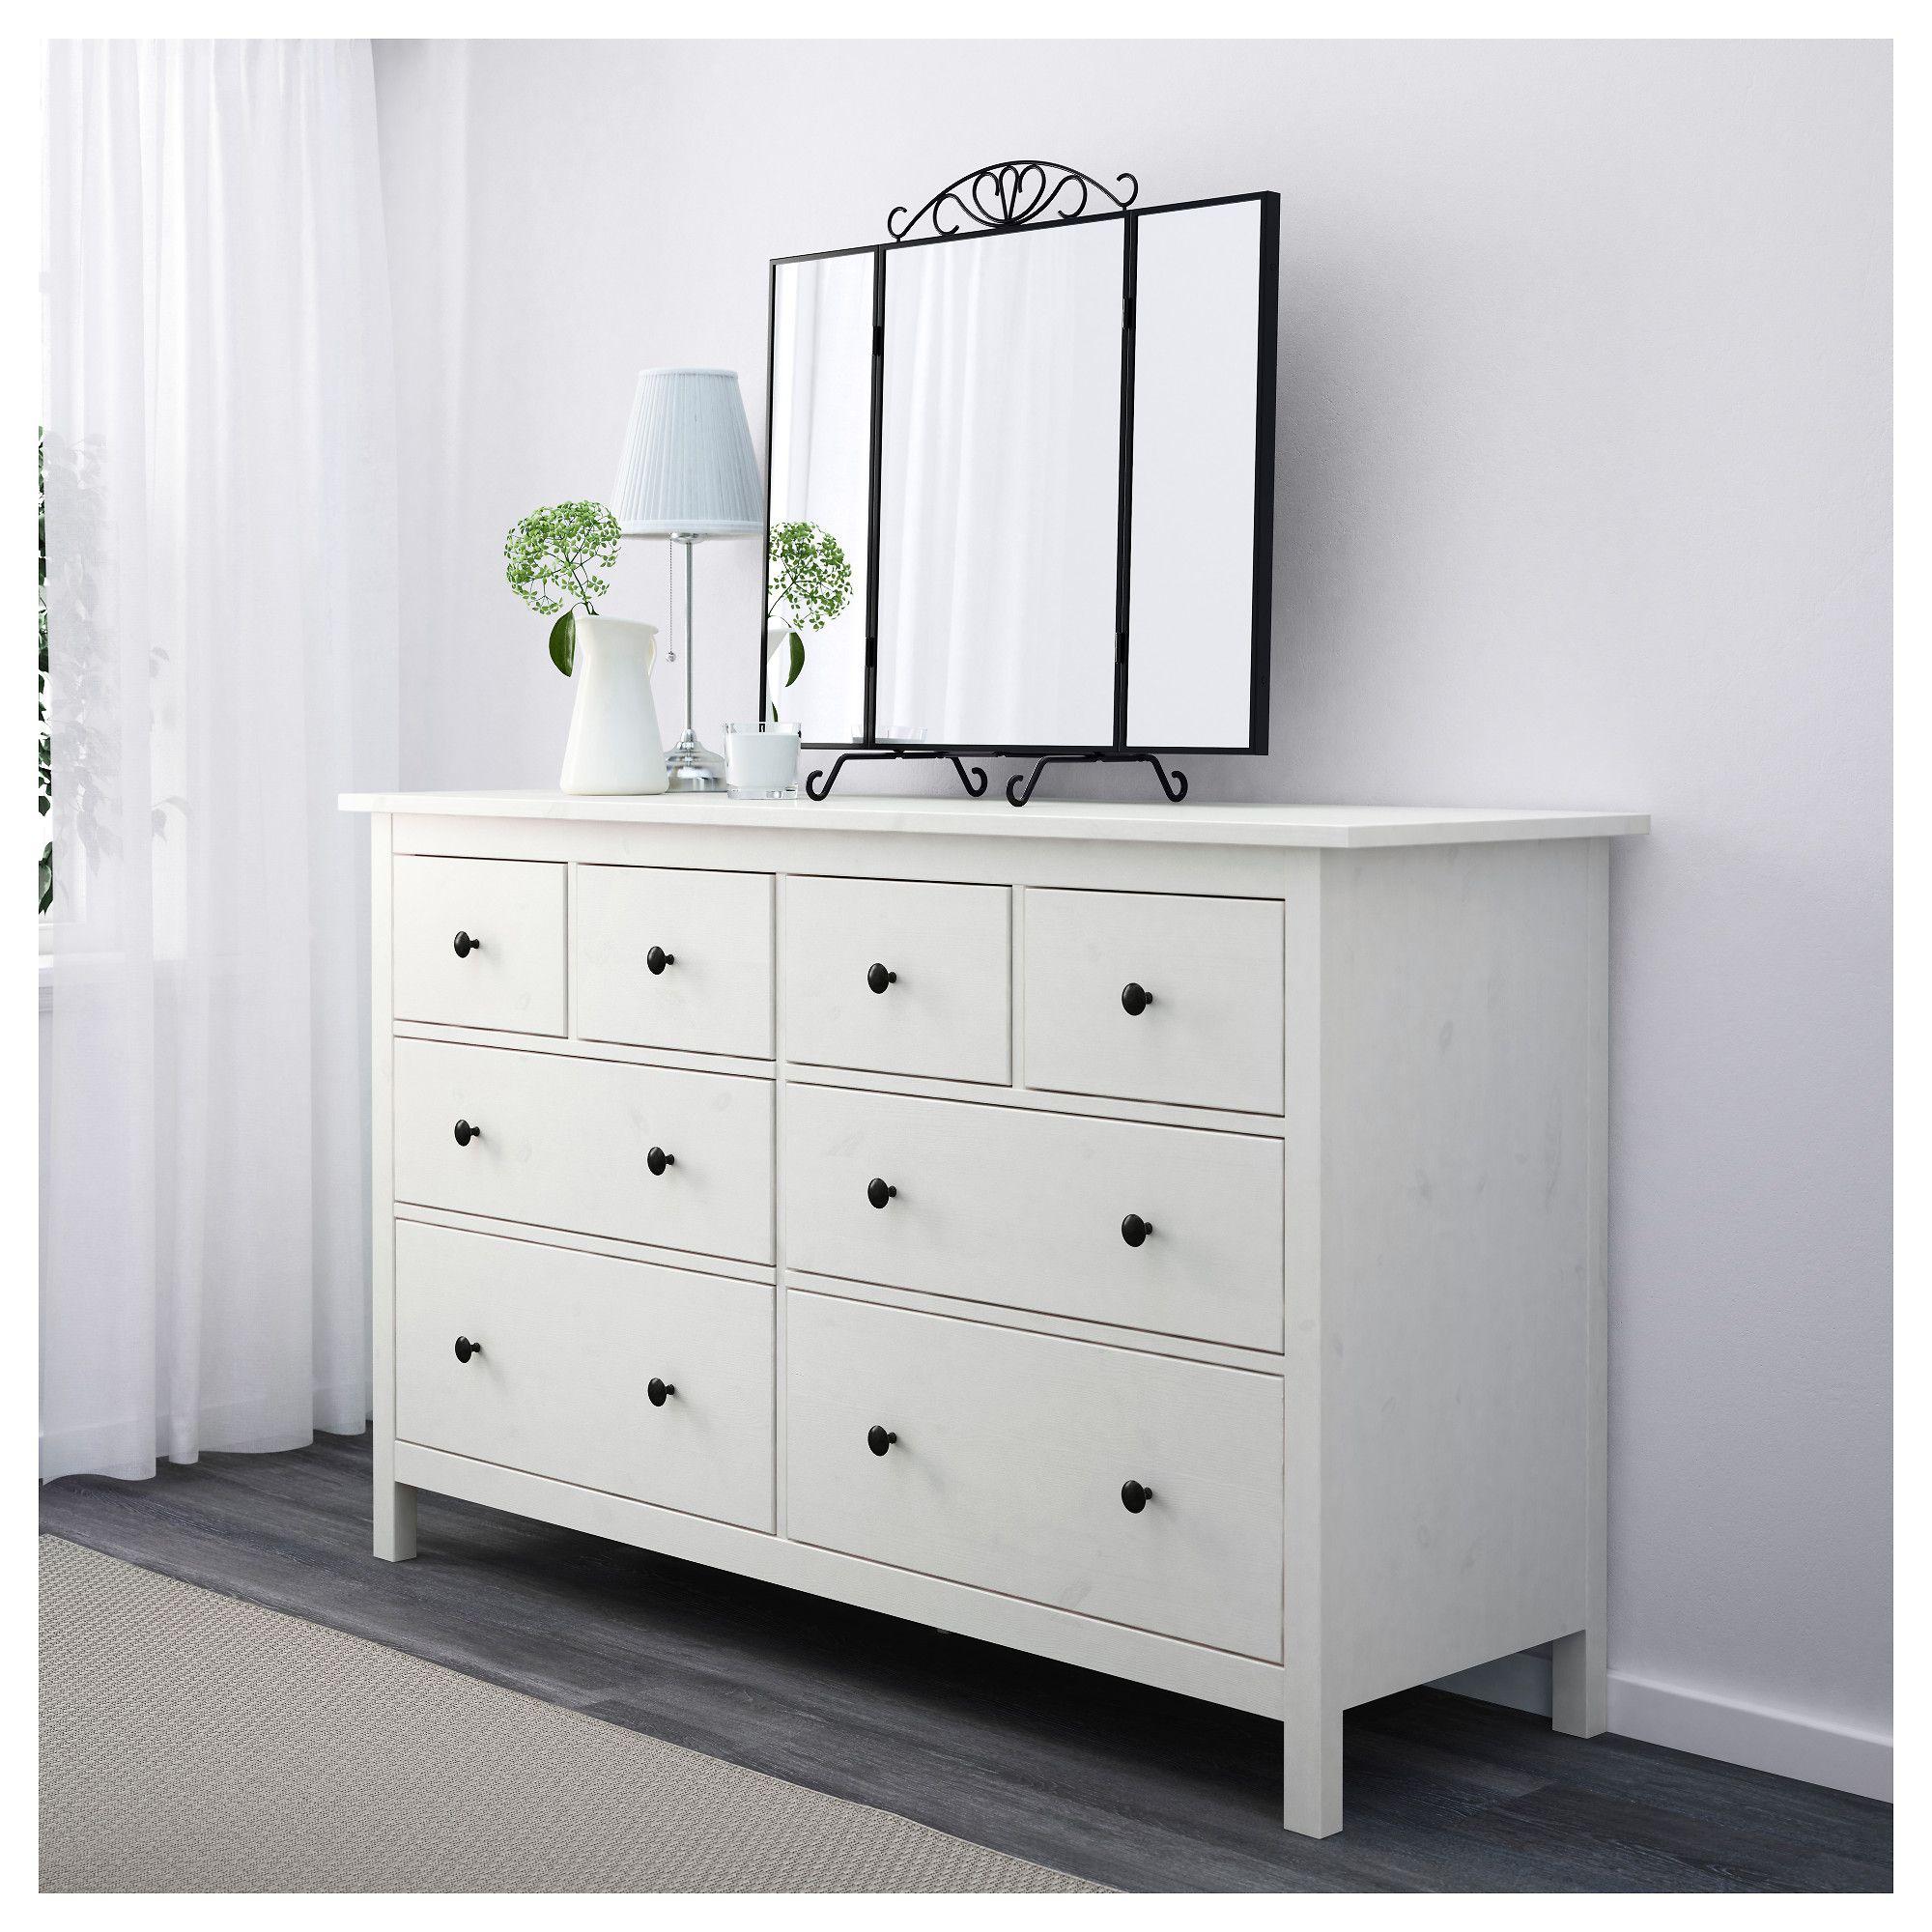 HEMNES Chest of 8 drawers White stain IKEA Ikea 8 drawer